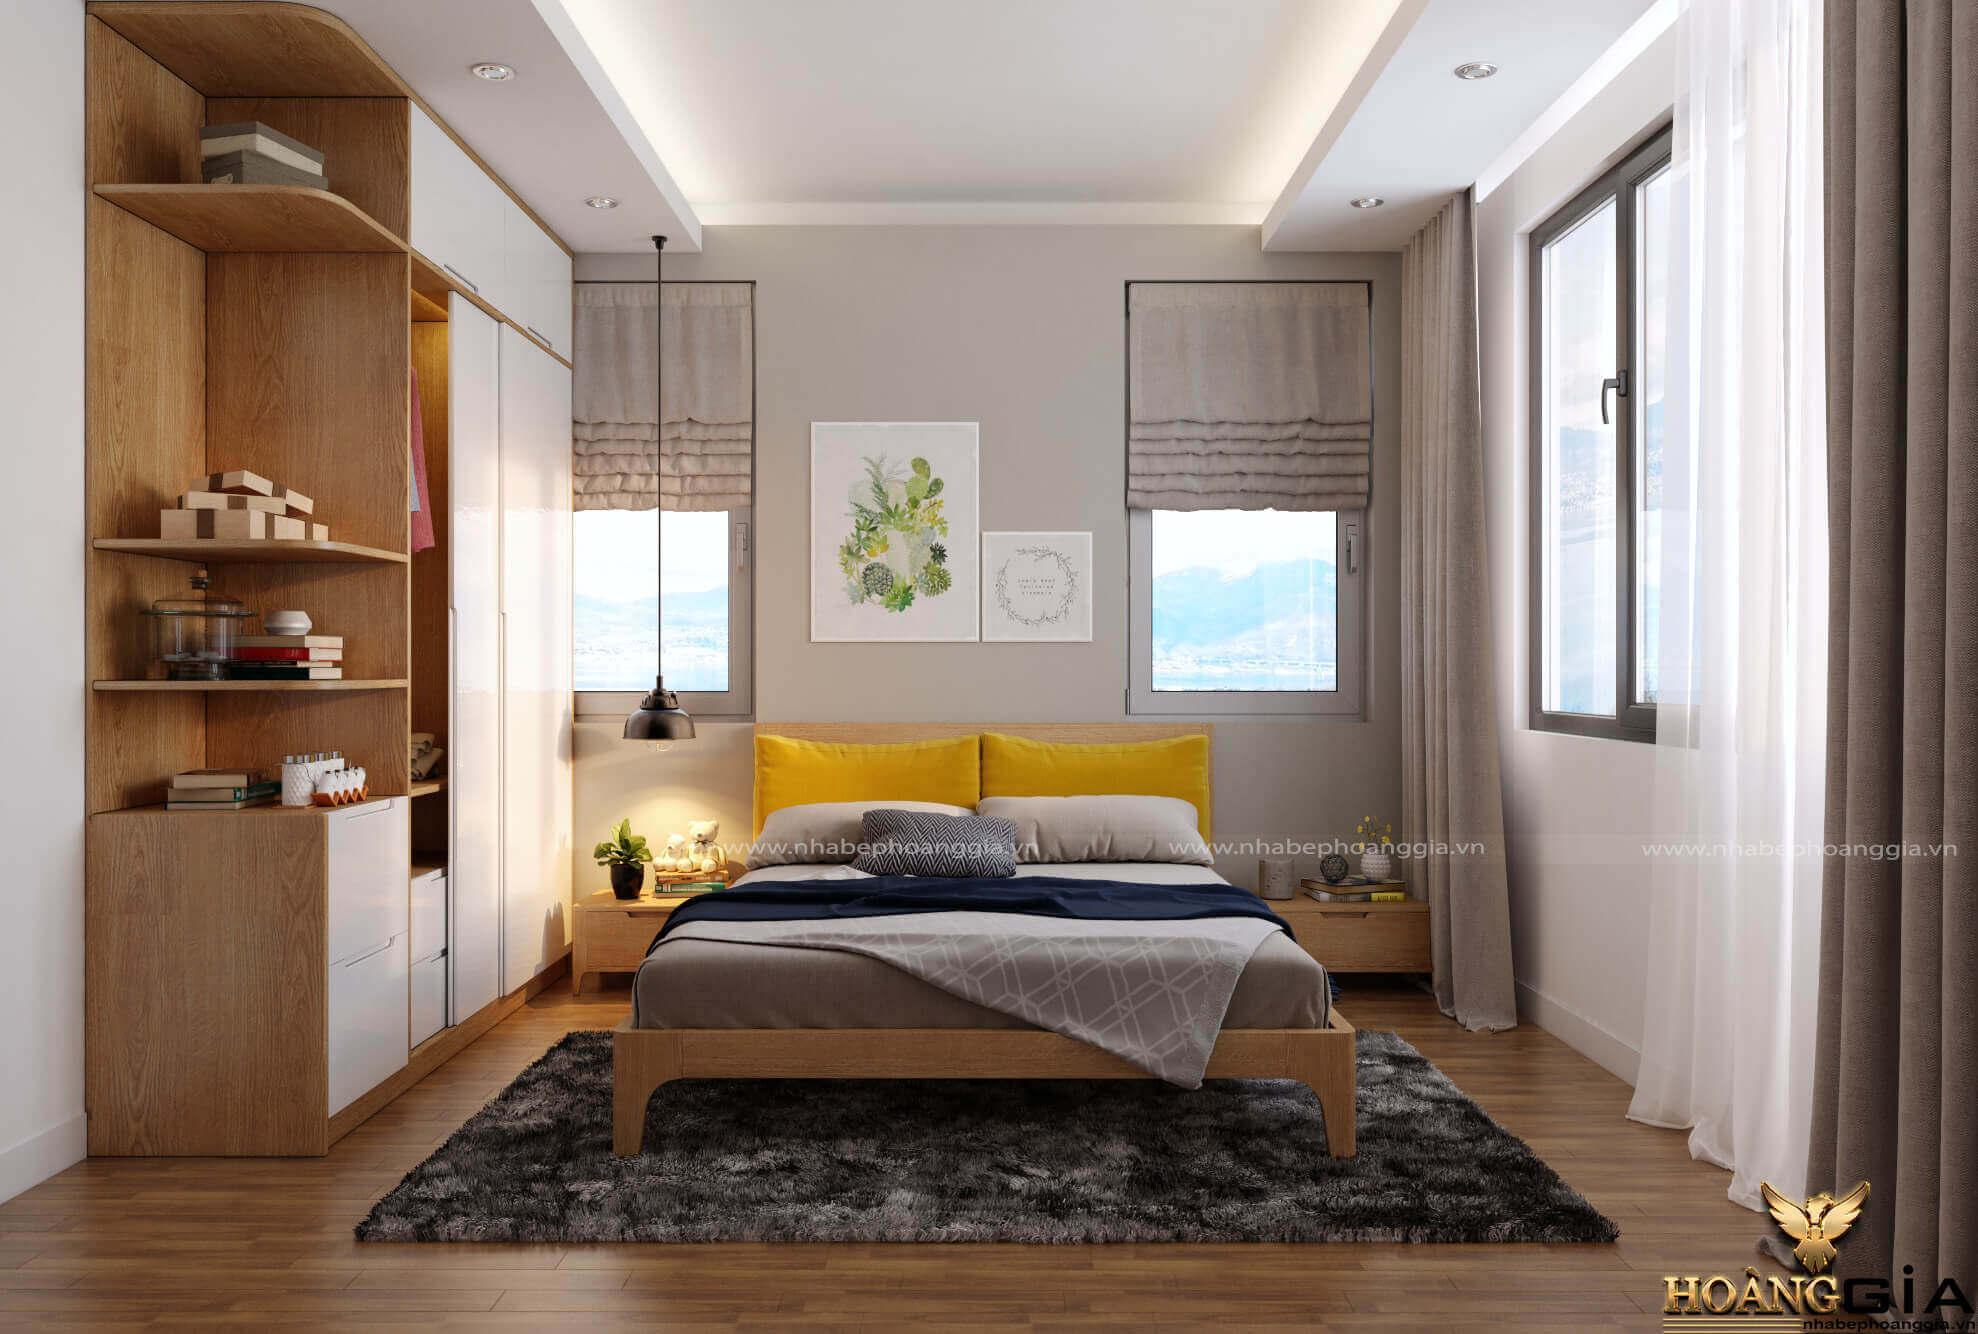 nên mua giường có sẵn hay đặt thiết kế